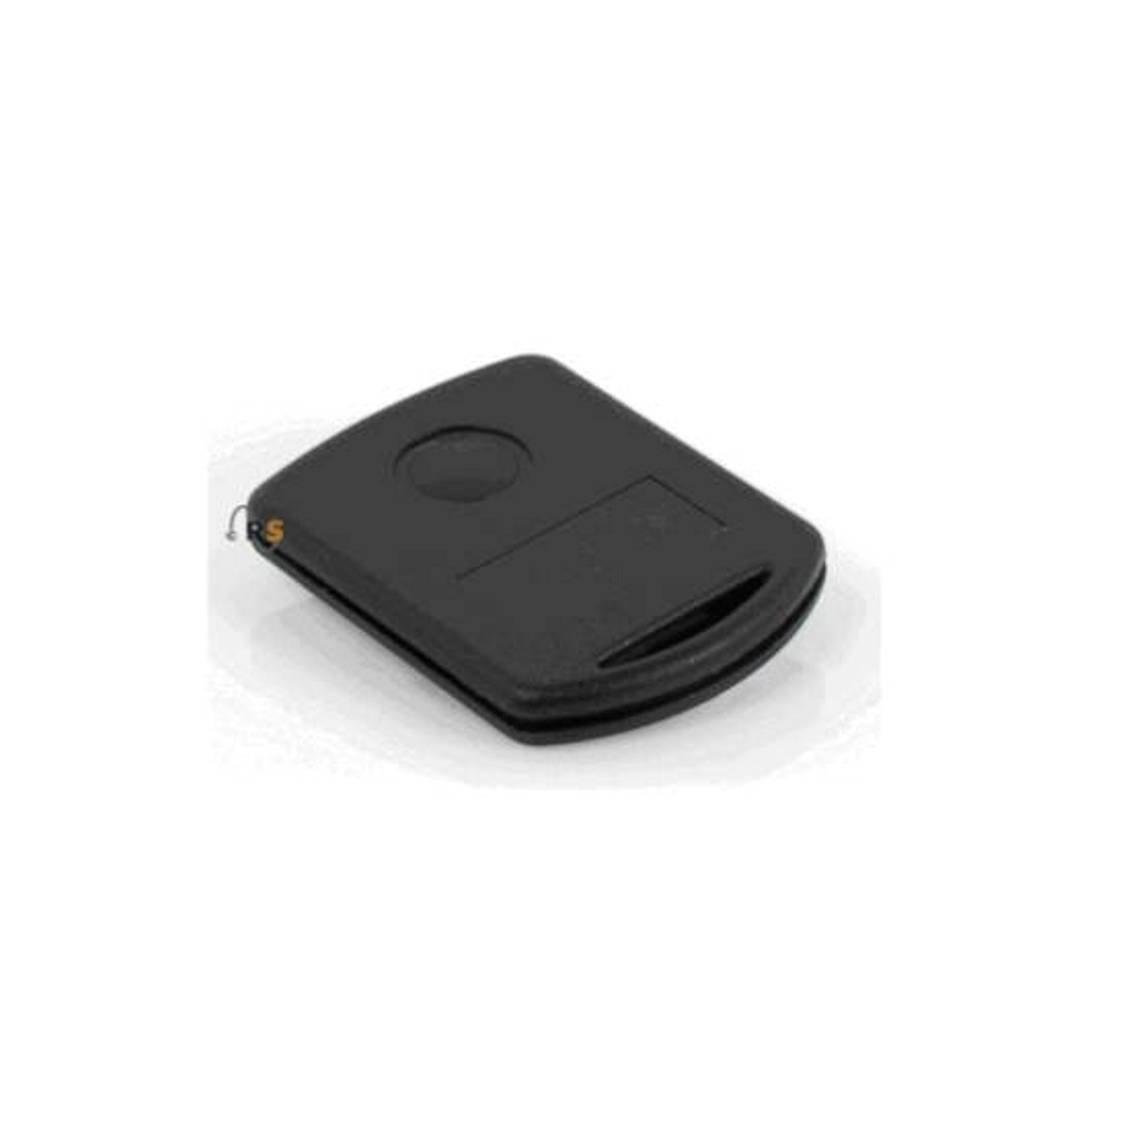 Cobra DriverCard Control Remoto 2771: Amazon.es: Electrónica